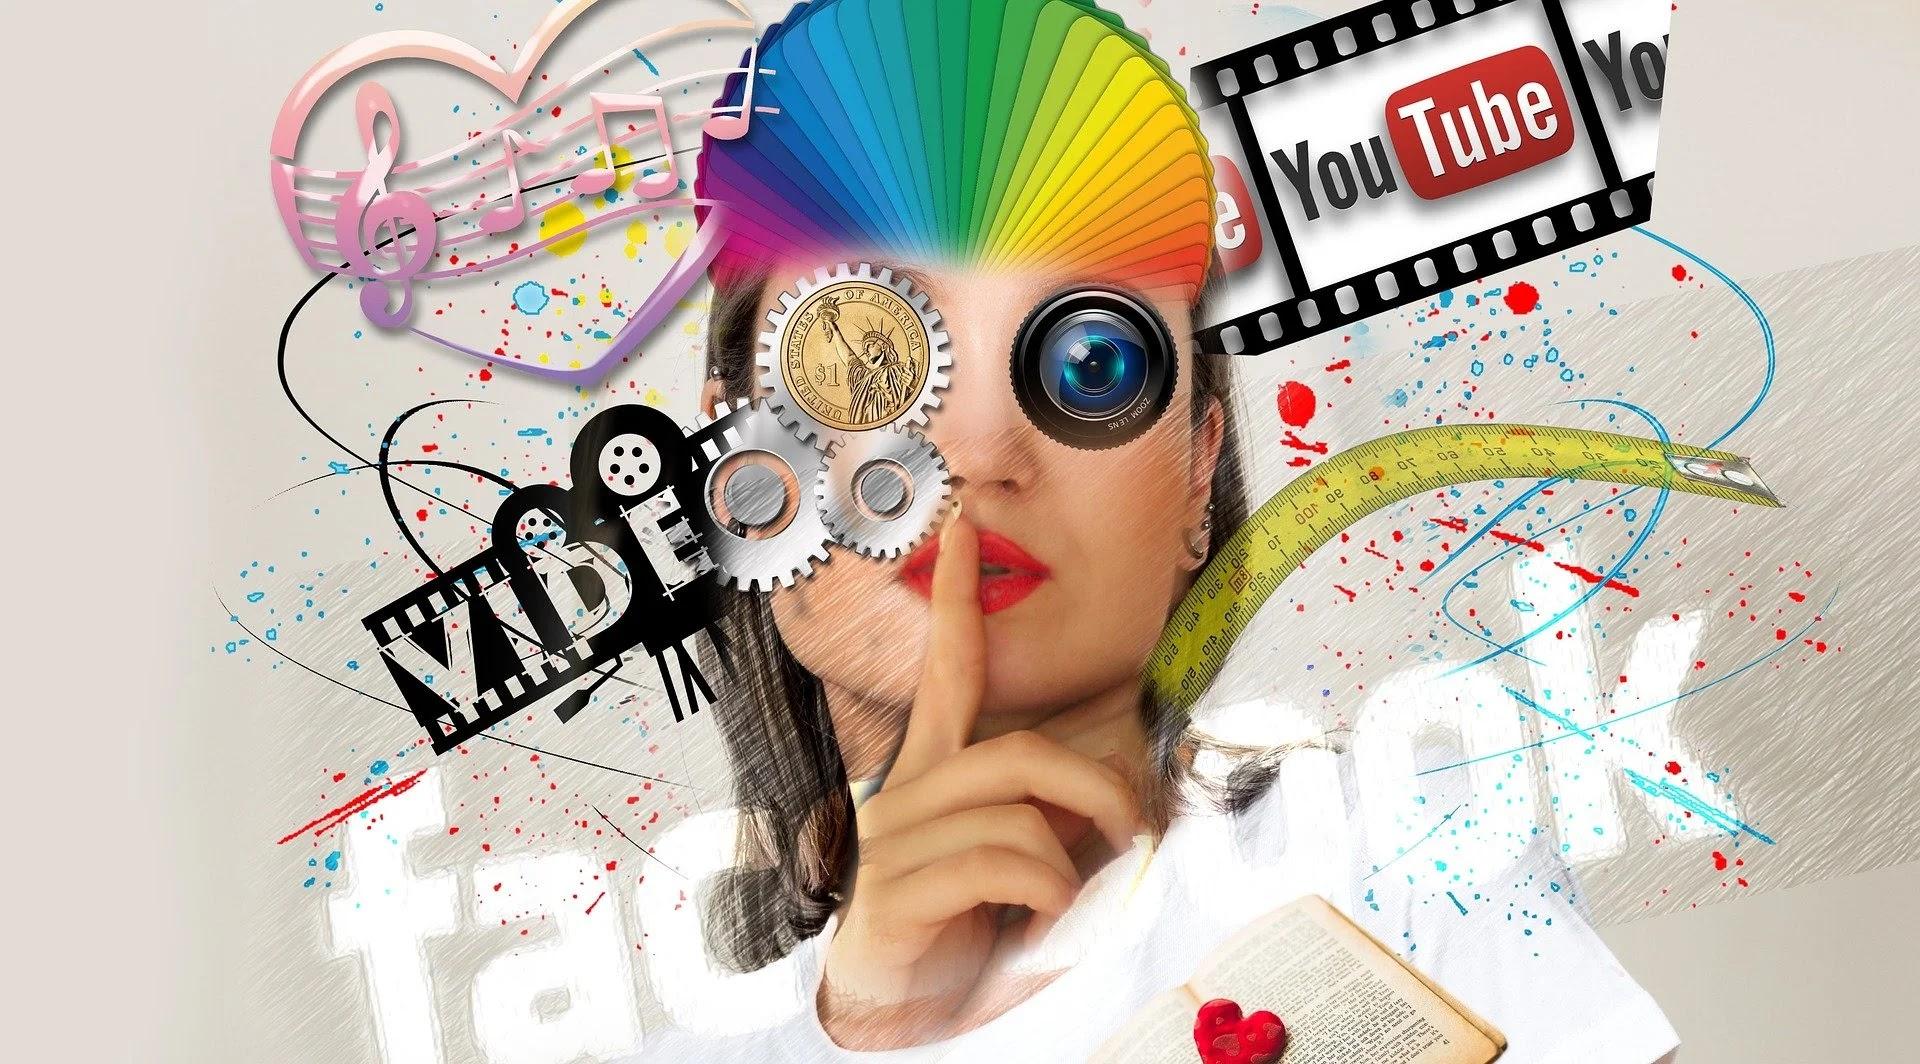 5 Fitur Keren Aplikasi Youtube yang Jarang Diketahui Orang Yang Bisa Membuatmu Kagum